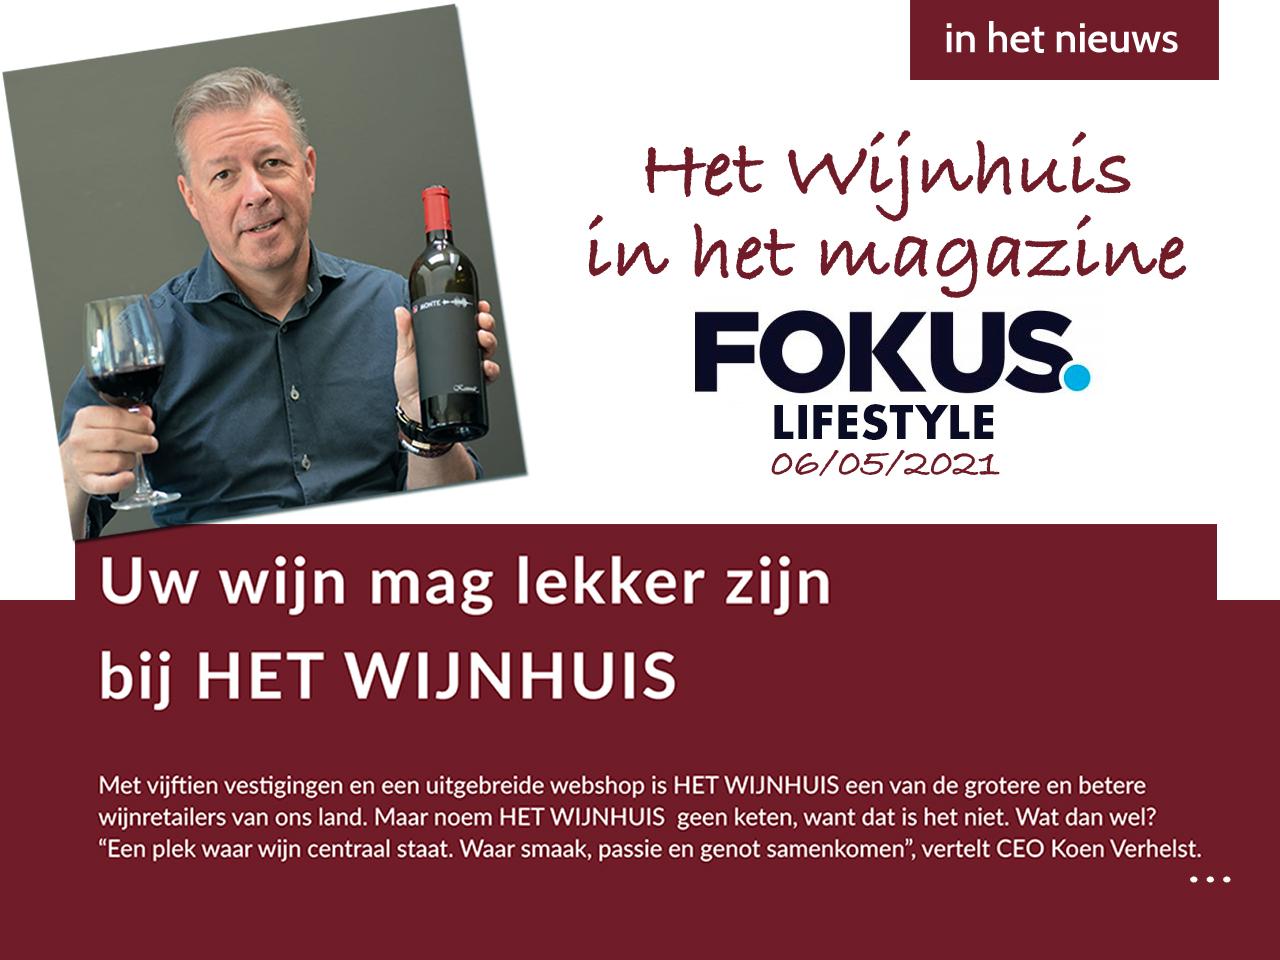 artikel Het Wijnhuis in Fokus Lifestyle magazine De Standaard